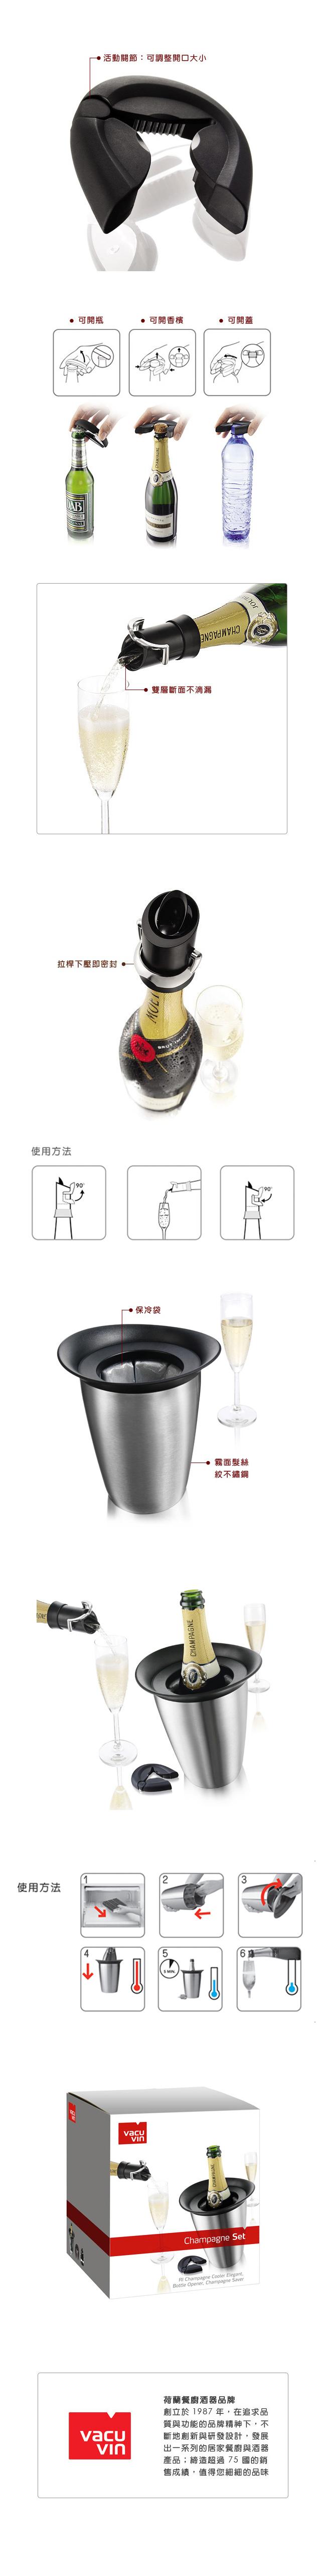 【可雷雕】VACU VIN 香檳注酒冰桶3件組